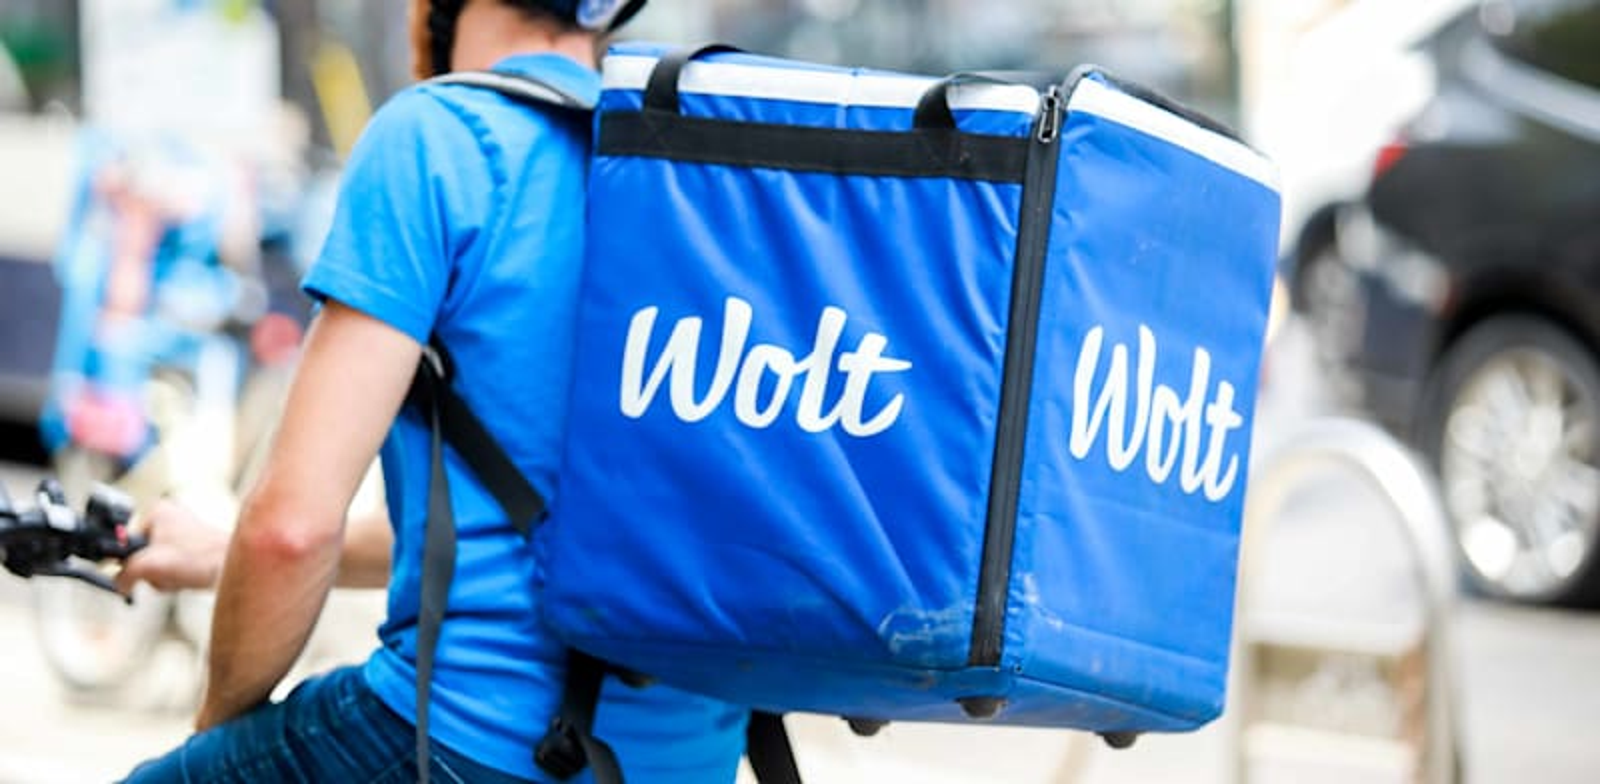 שליח של Wolt / צילום: שלומי יוסף